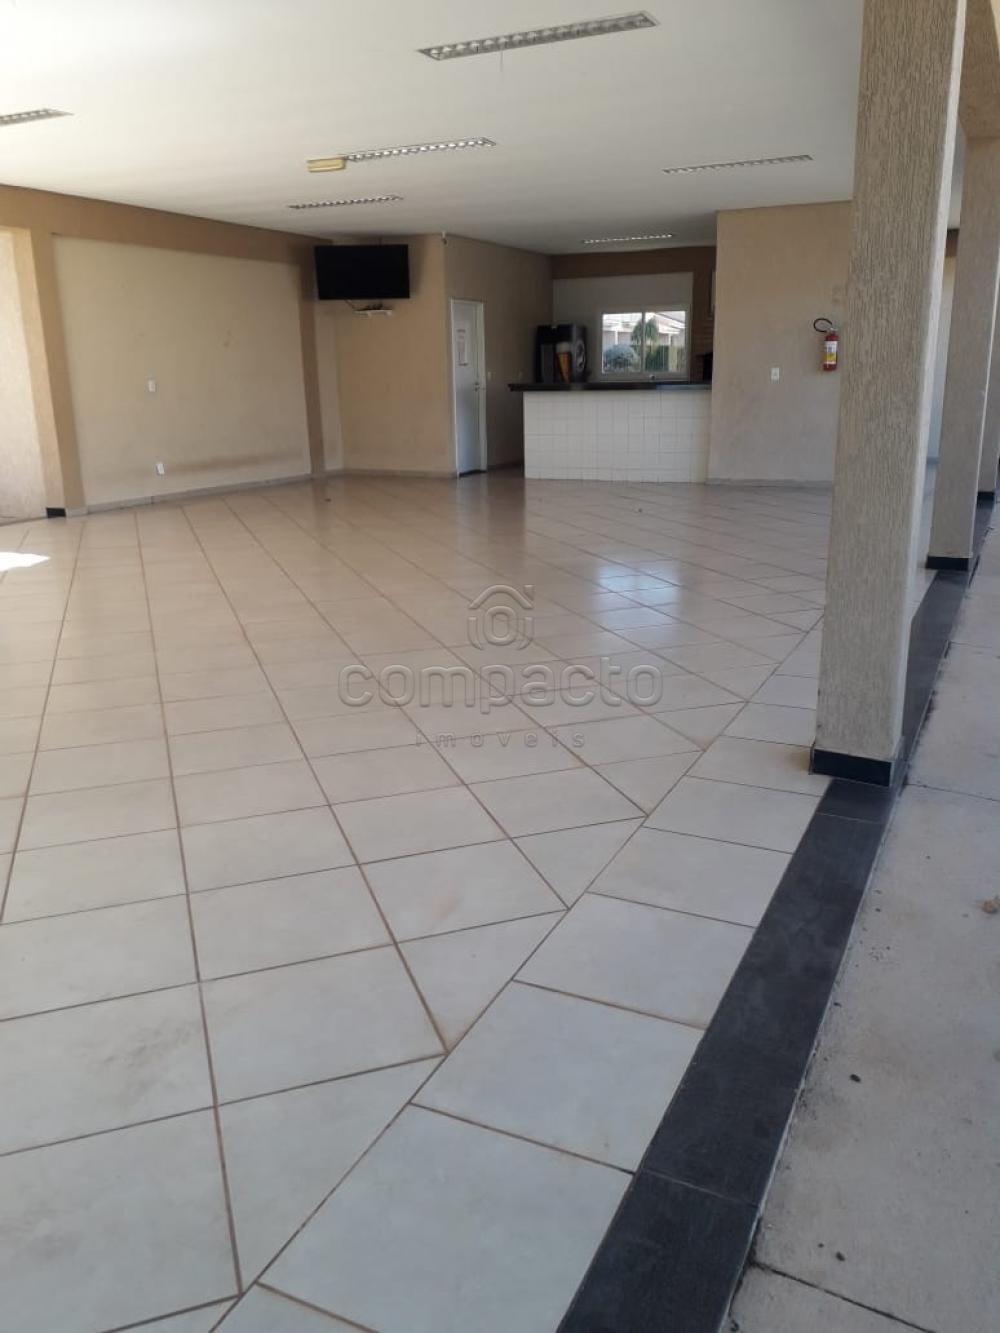 Comprar Casa / Condomínio em São José do Rio Preto apenas R$ 560.000,00 - Foto 20